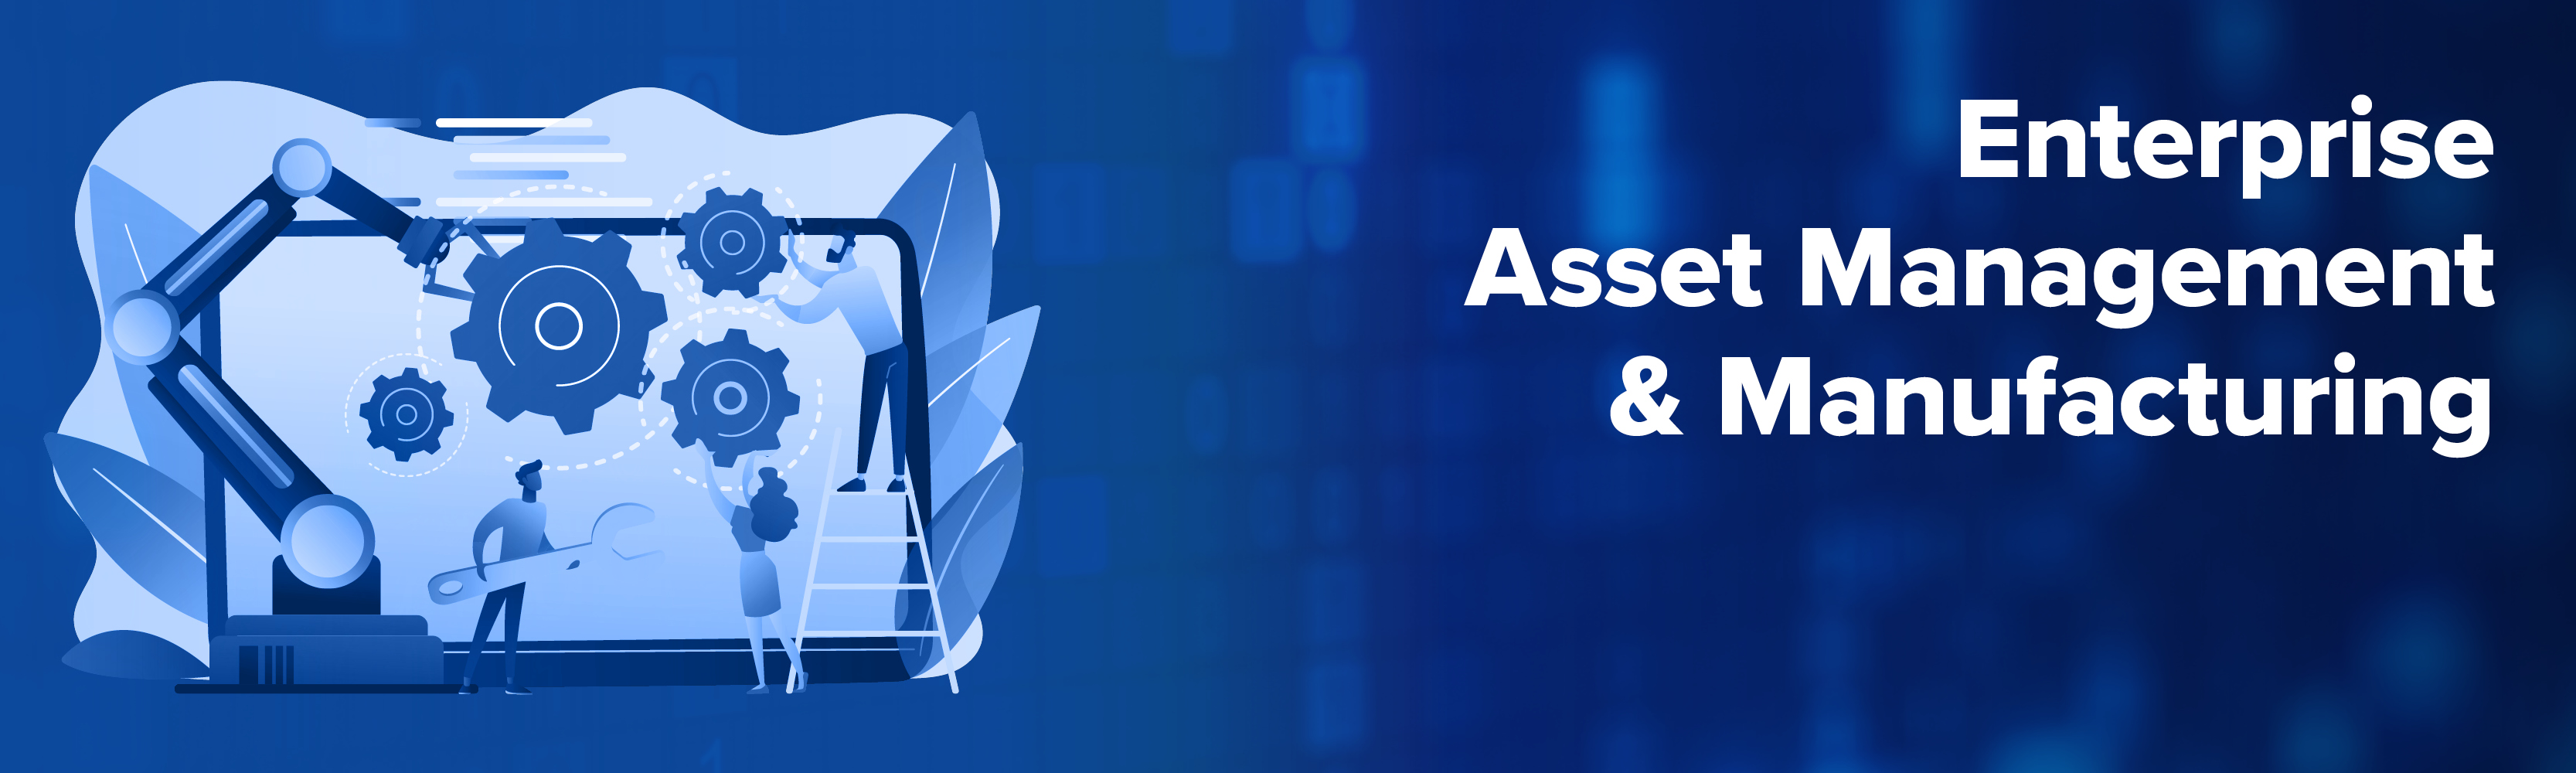 Enterprise Asset Management & Manufacturing - 26th of November